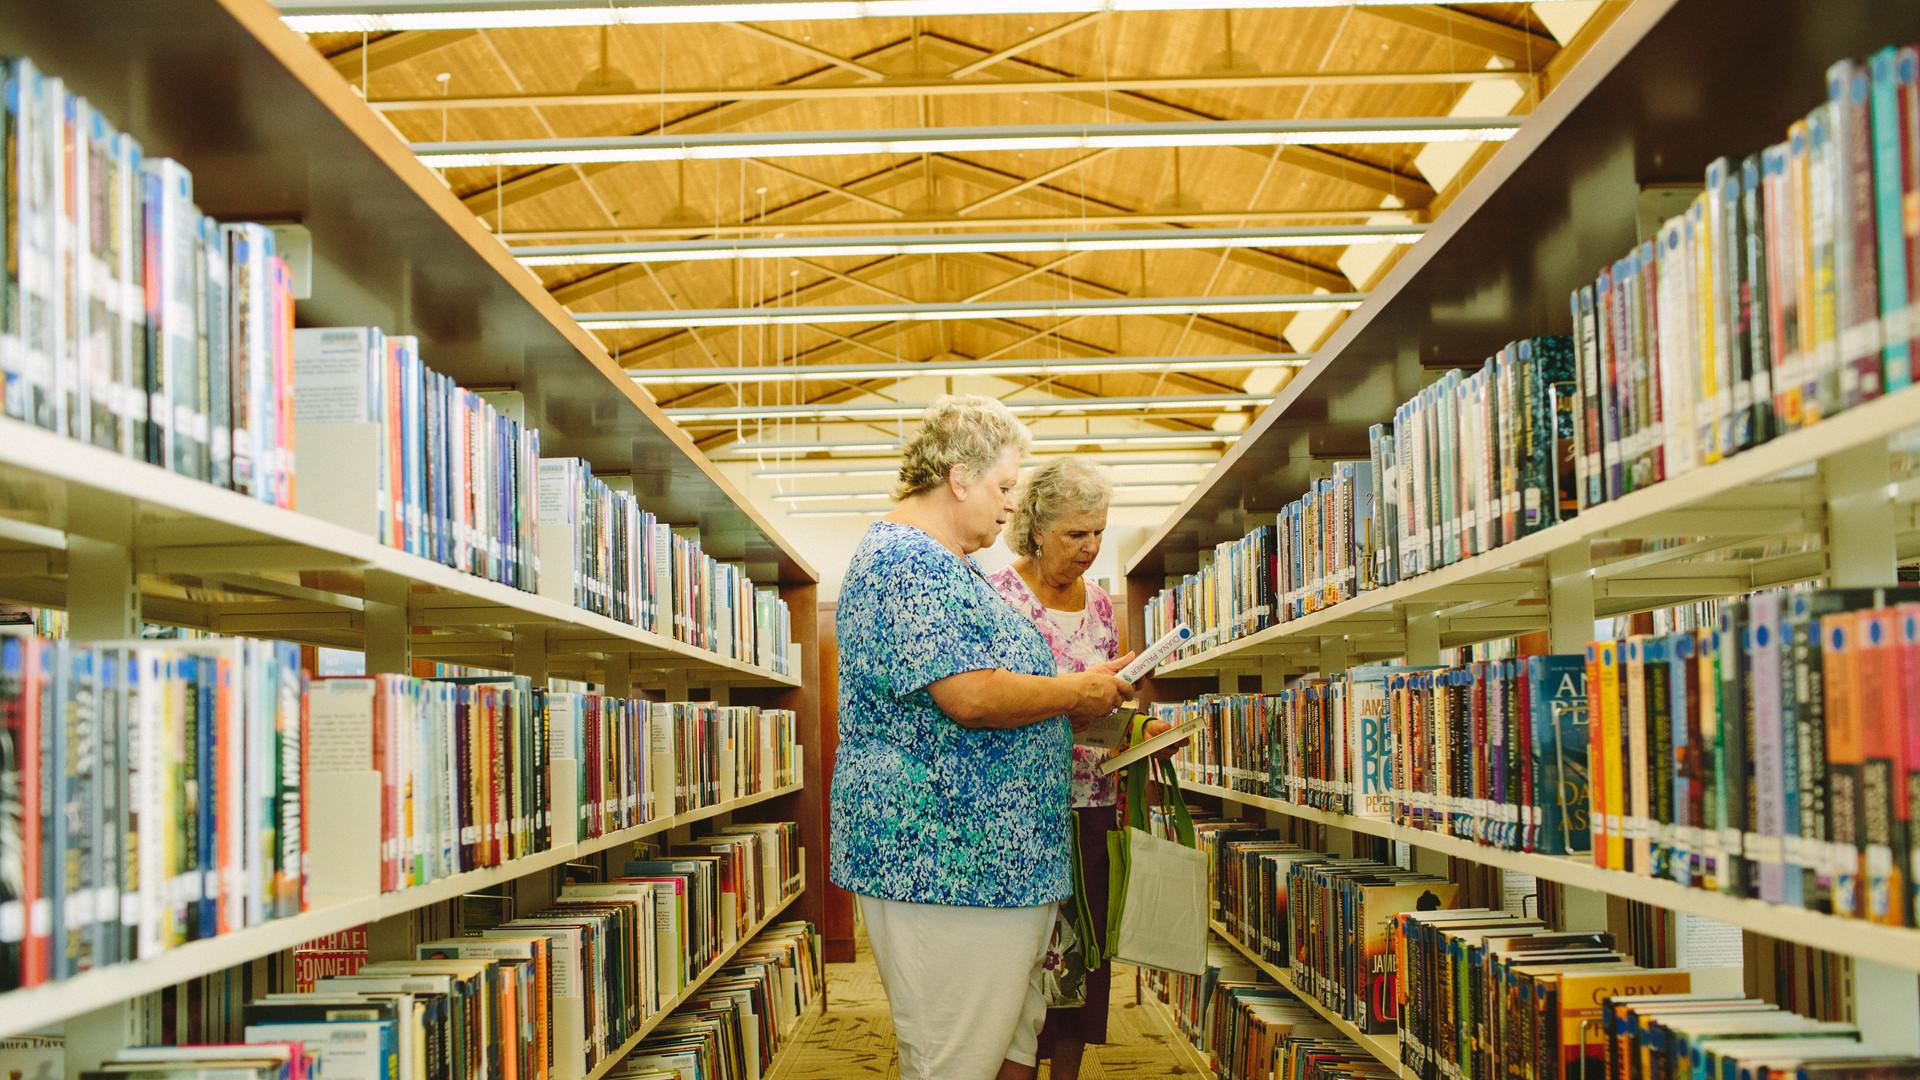 063013-216-glenvar-library.jpg